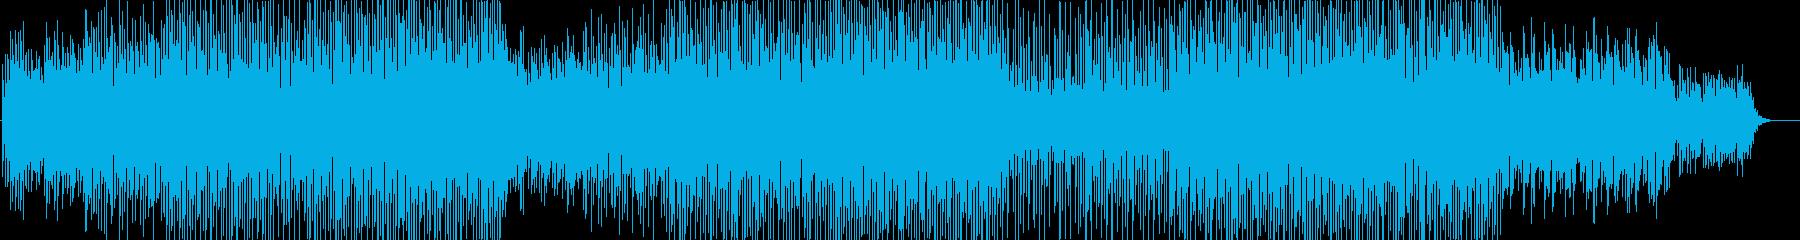 何かが始まりそうなワクワクしたBGMの再生済みの波形